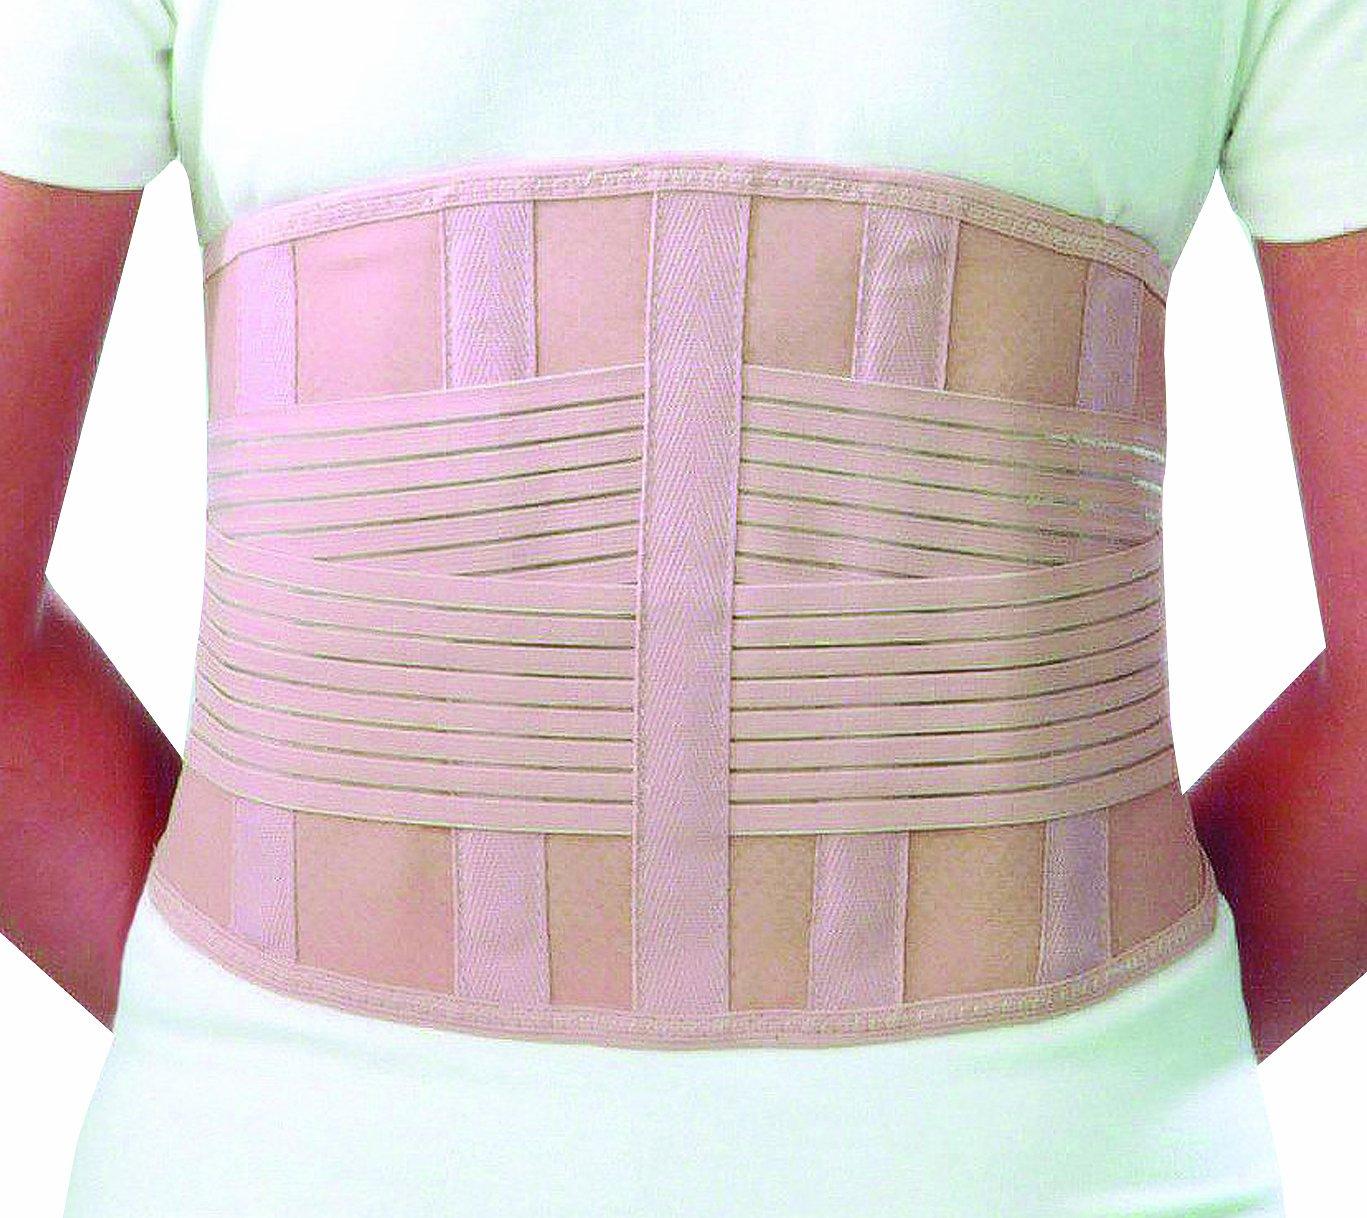 Dynamix Ortho - Faja ortopédico para postura lumbar (4 posturas y descanso de la espalda) Impectron LU-05